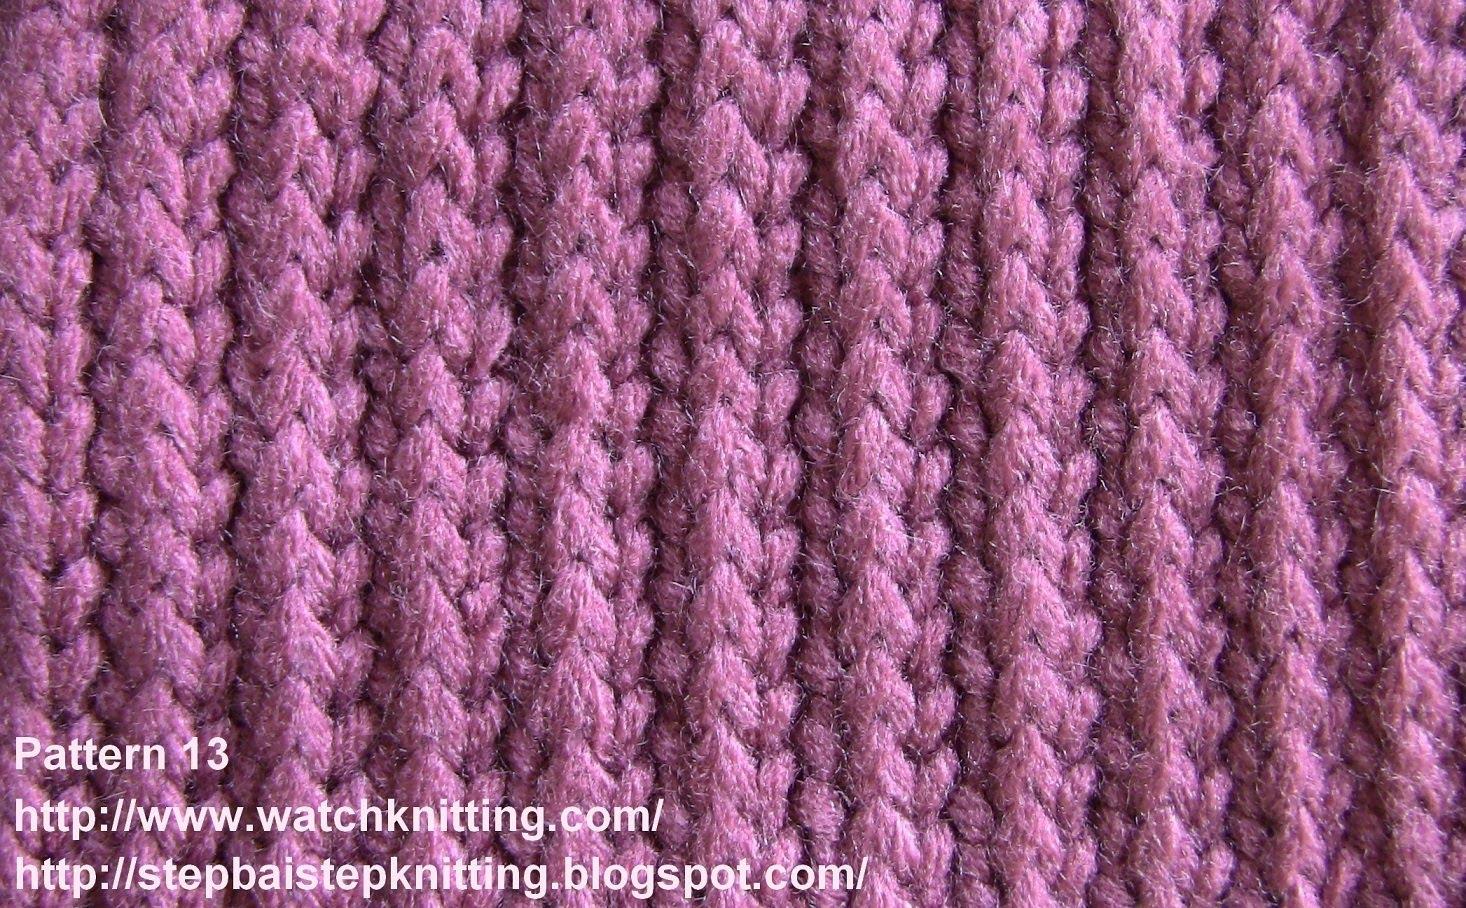 simple knitting patterns (stripe stitch) - free knitting tutorial - watch knitting - pattern 13 - isgbqnv